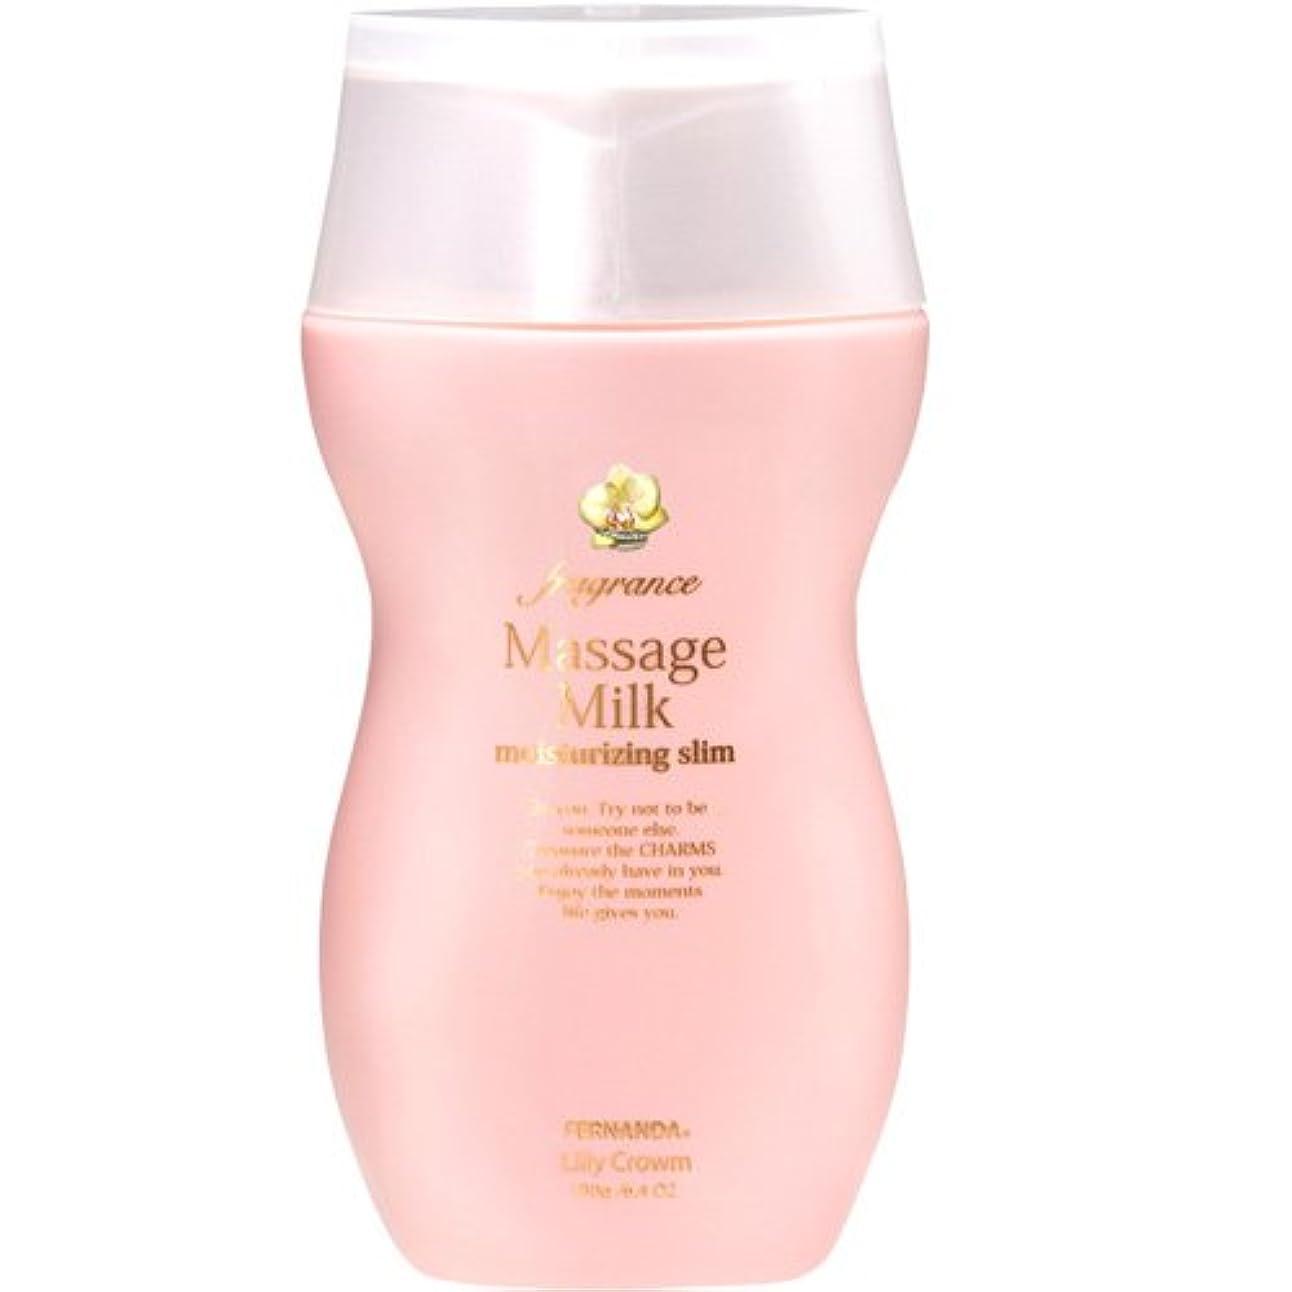 遮る飲食店おびえたFERNANDA(フェルナンダ) Massage Milk Lilly Crown (マッサージミルク リリークラウン)